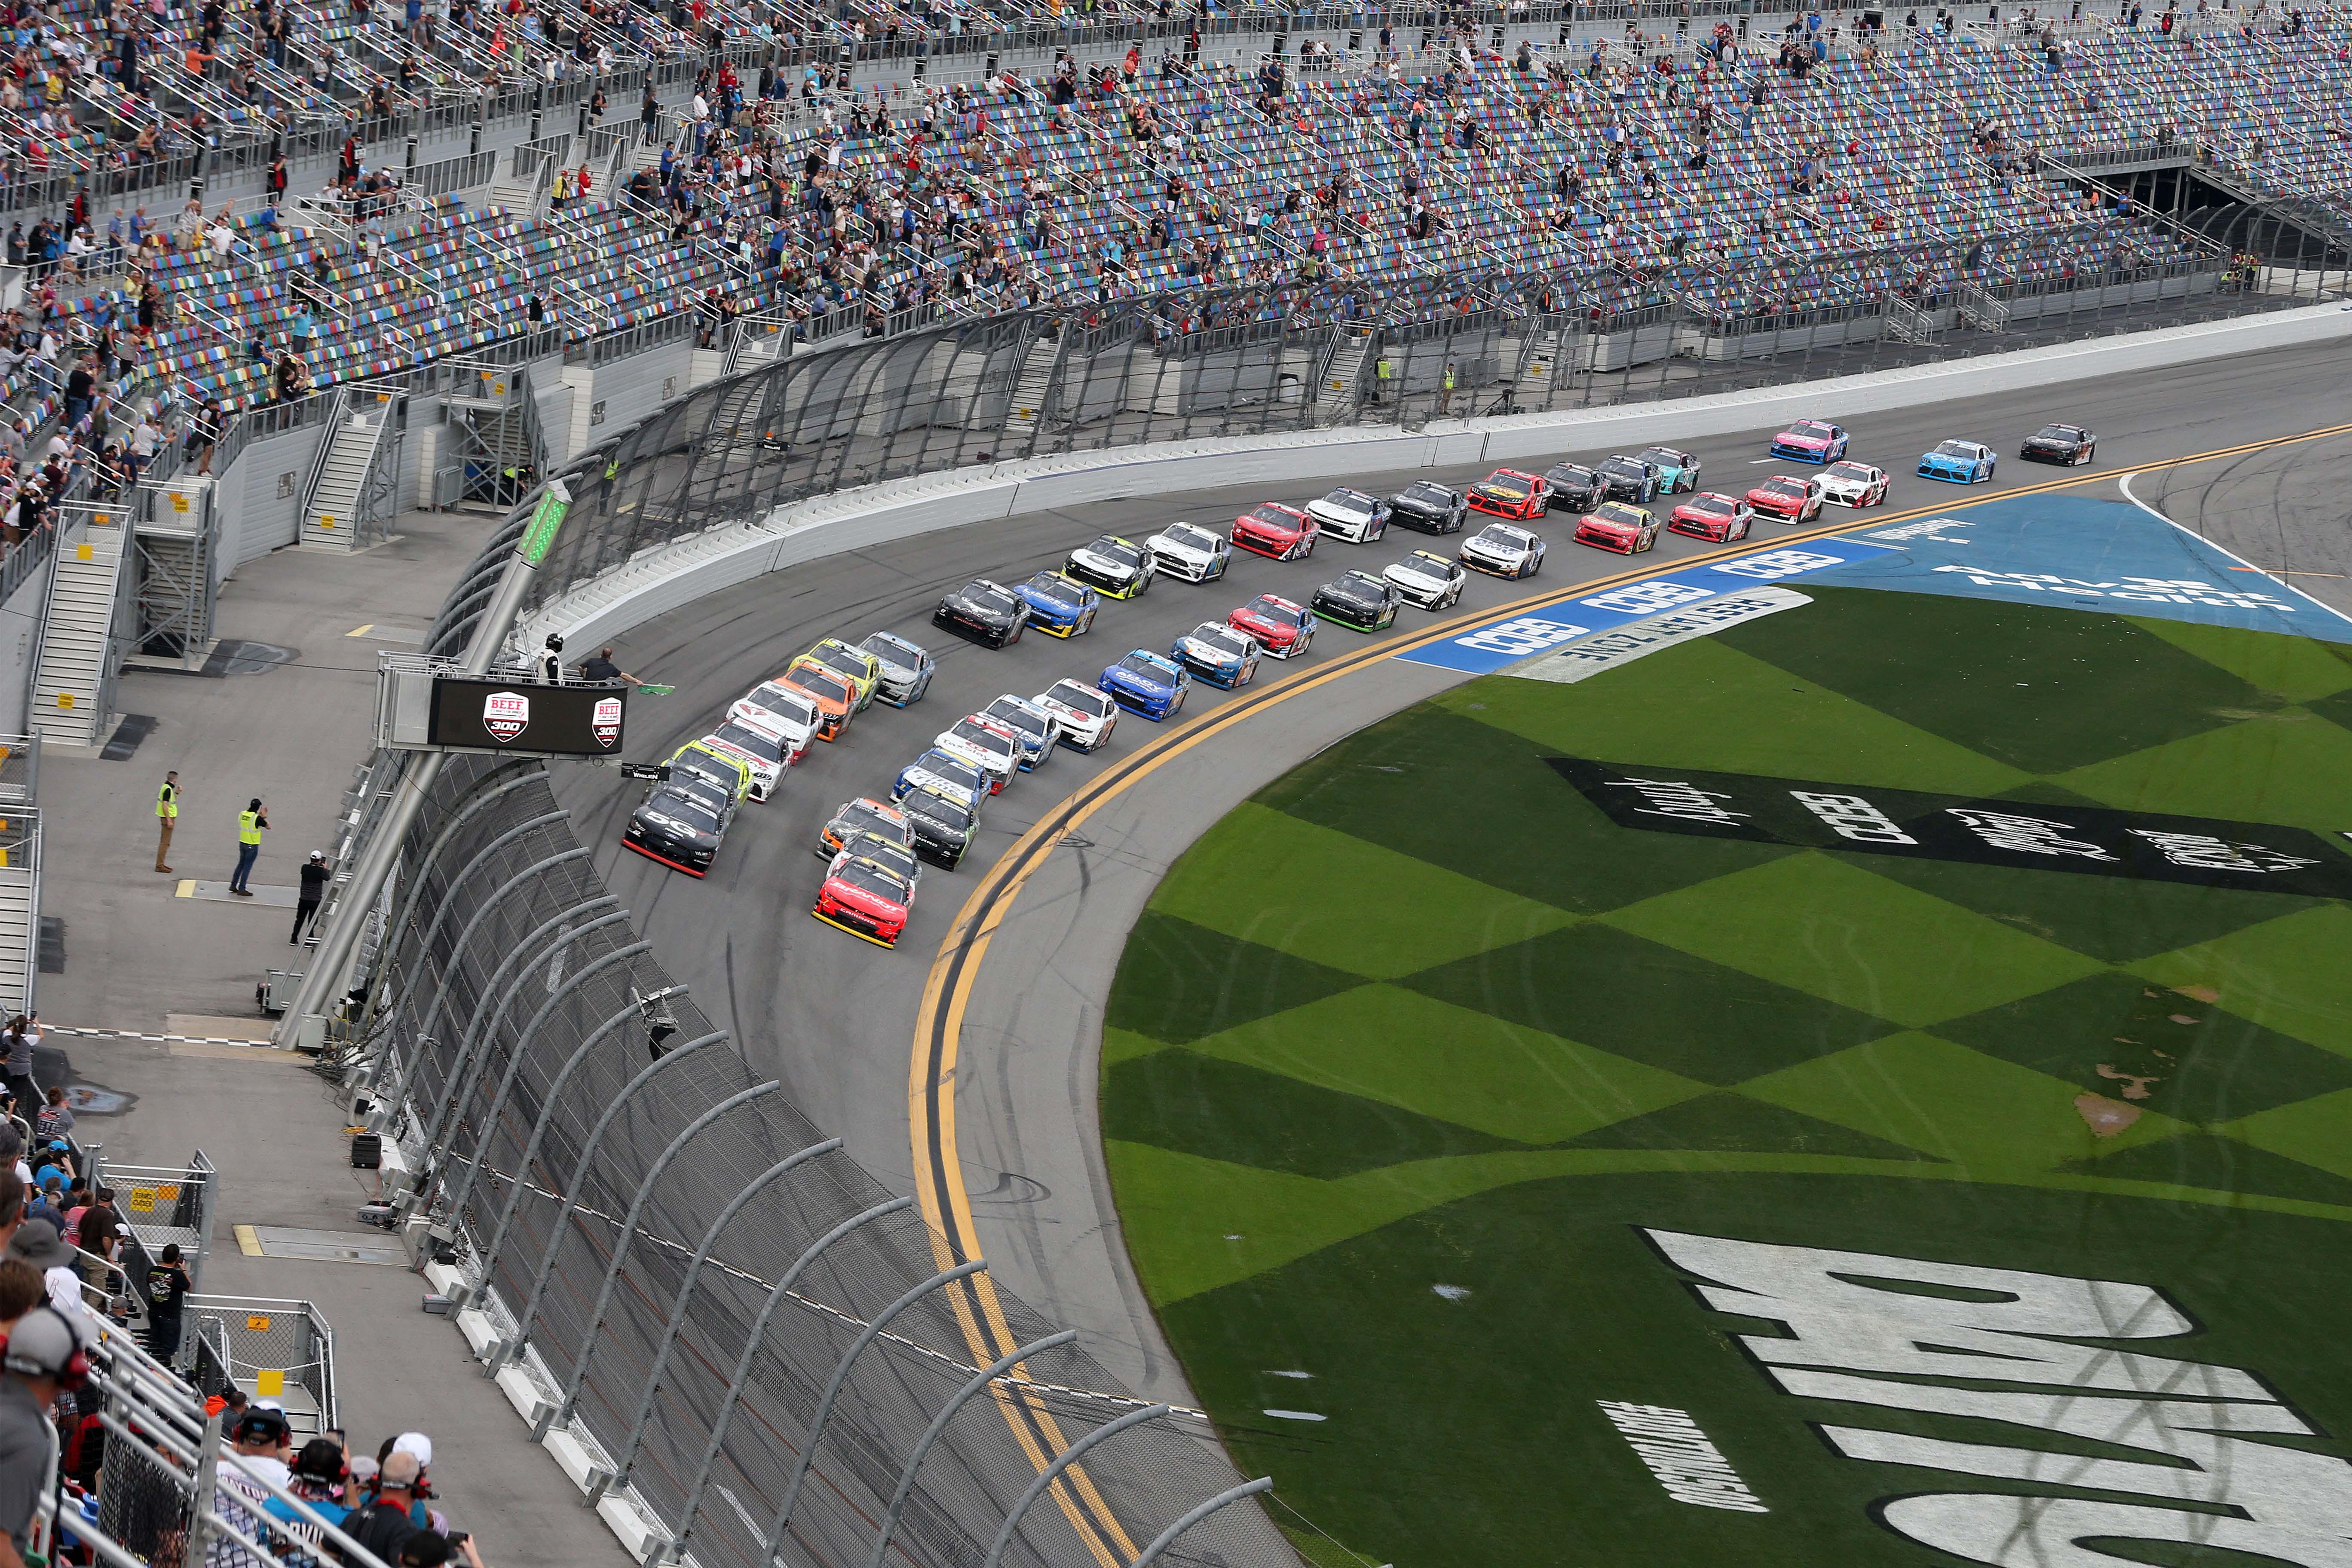 NASCAR Xfinity Series at Daytona International Speedway